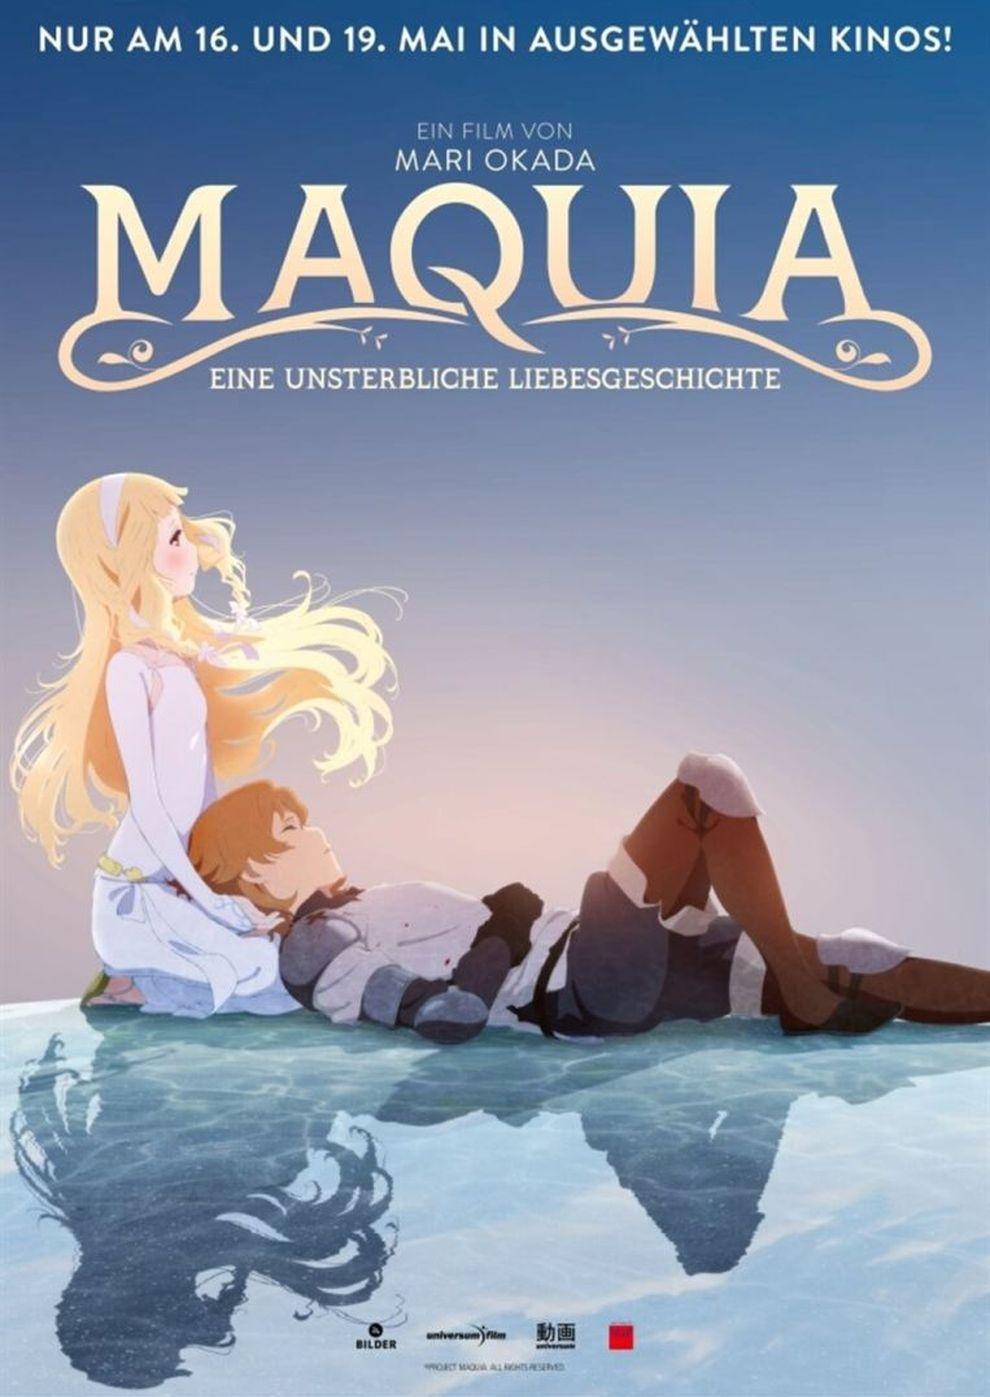 Maquia - Eine unsterbliche Liebesgeschichte (Poster)